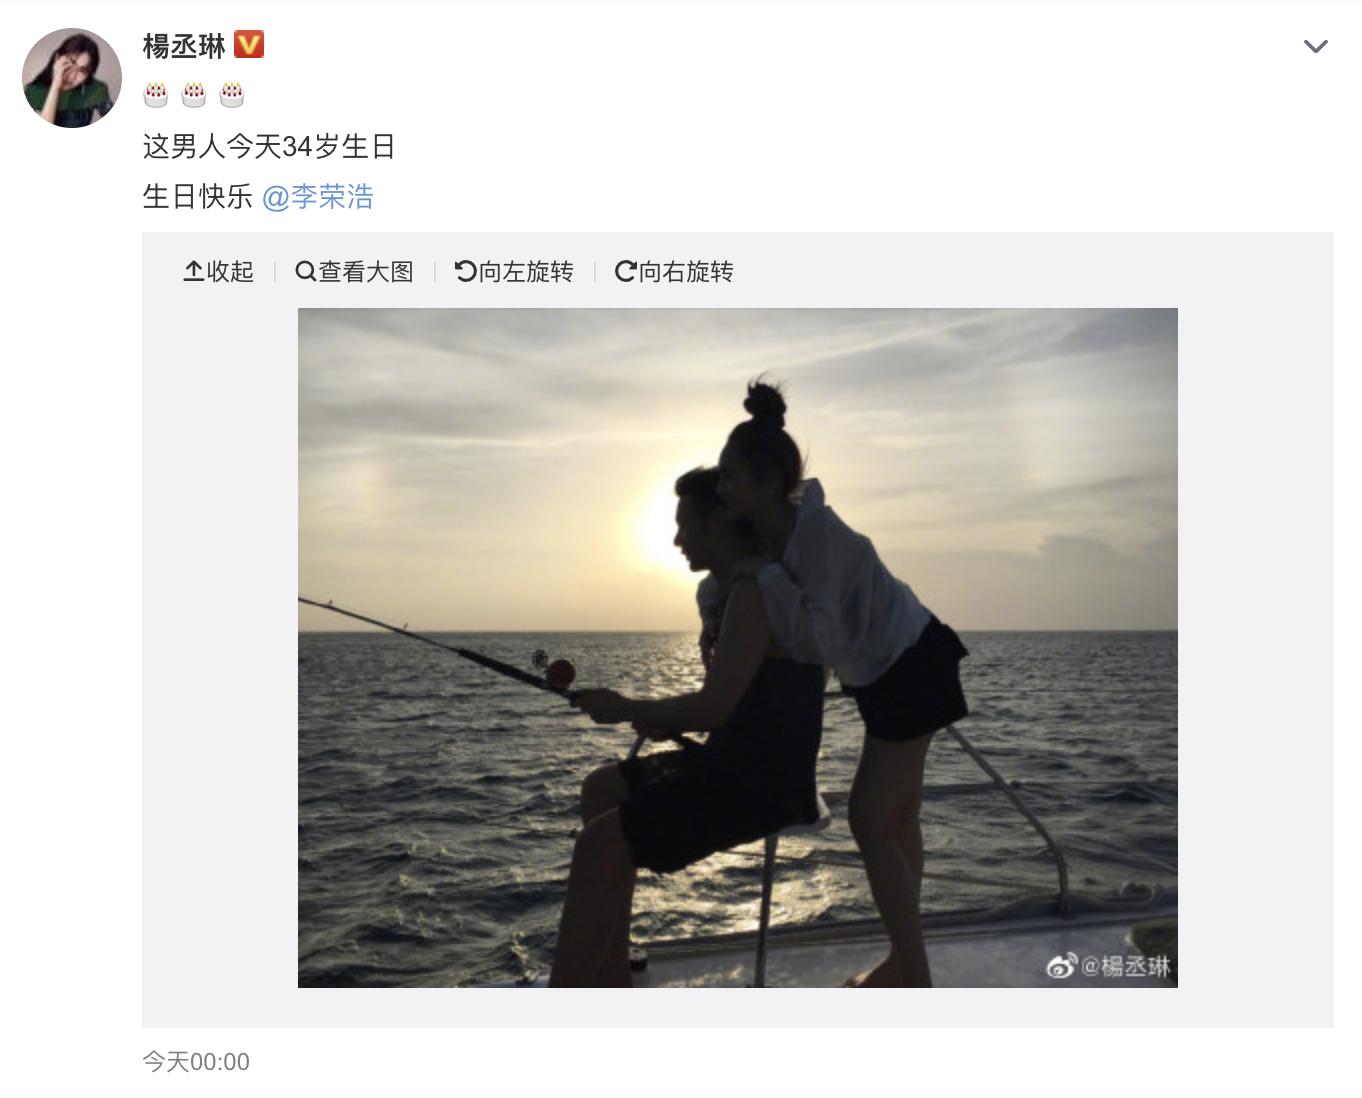 楊丞琳準時替李榮浩慶生。(圖/翻攝自微博)